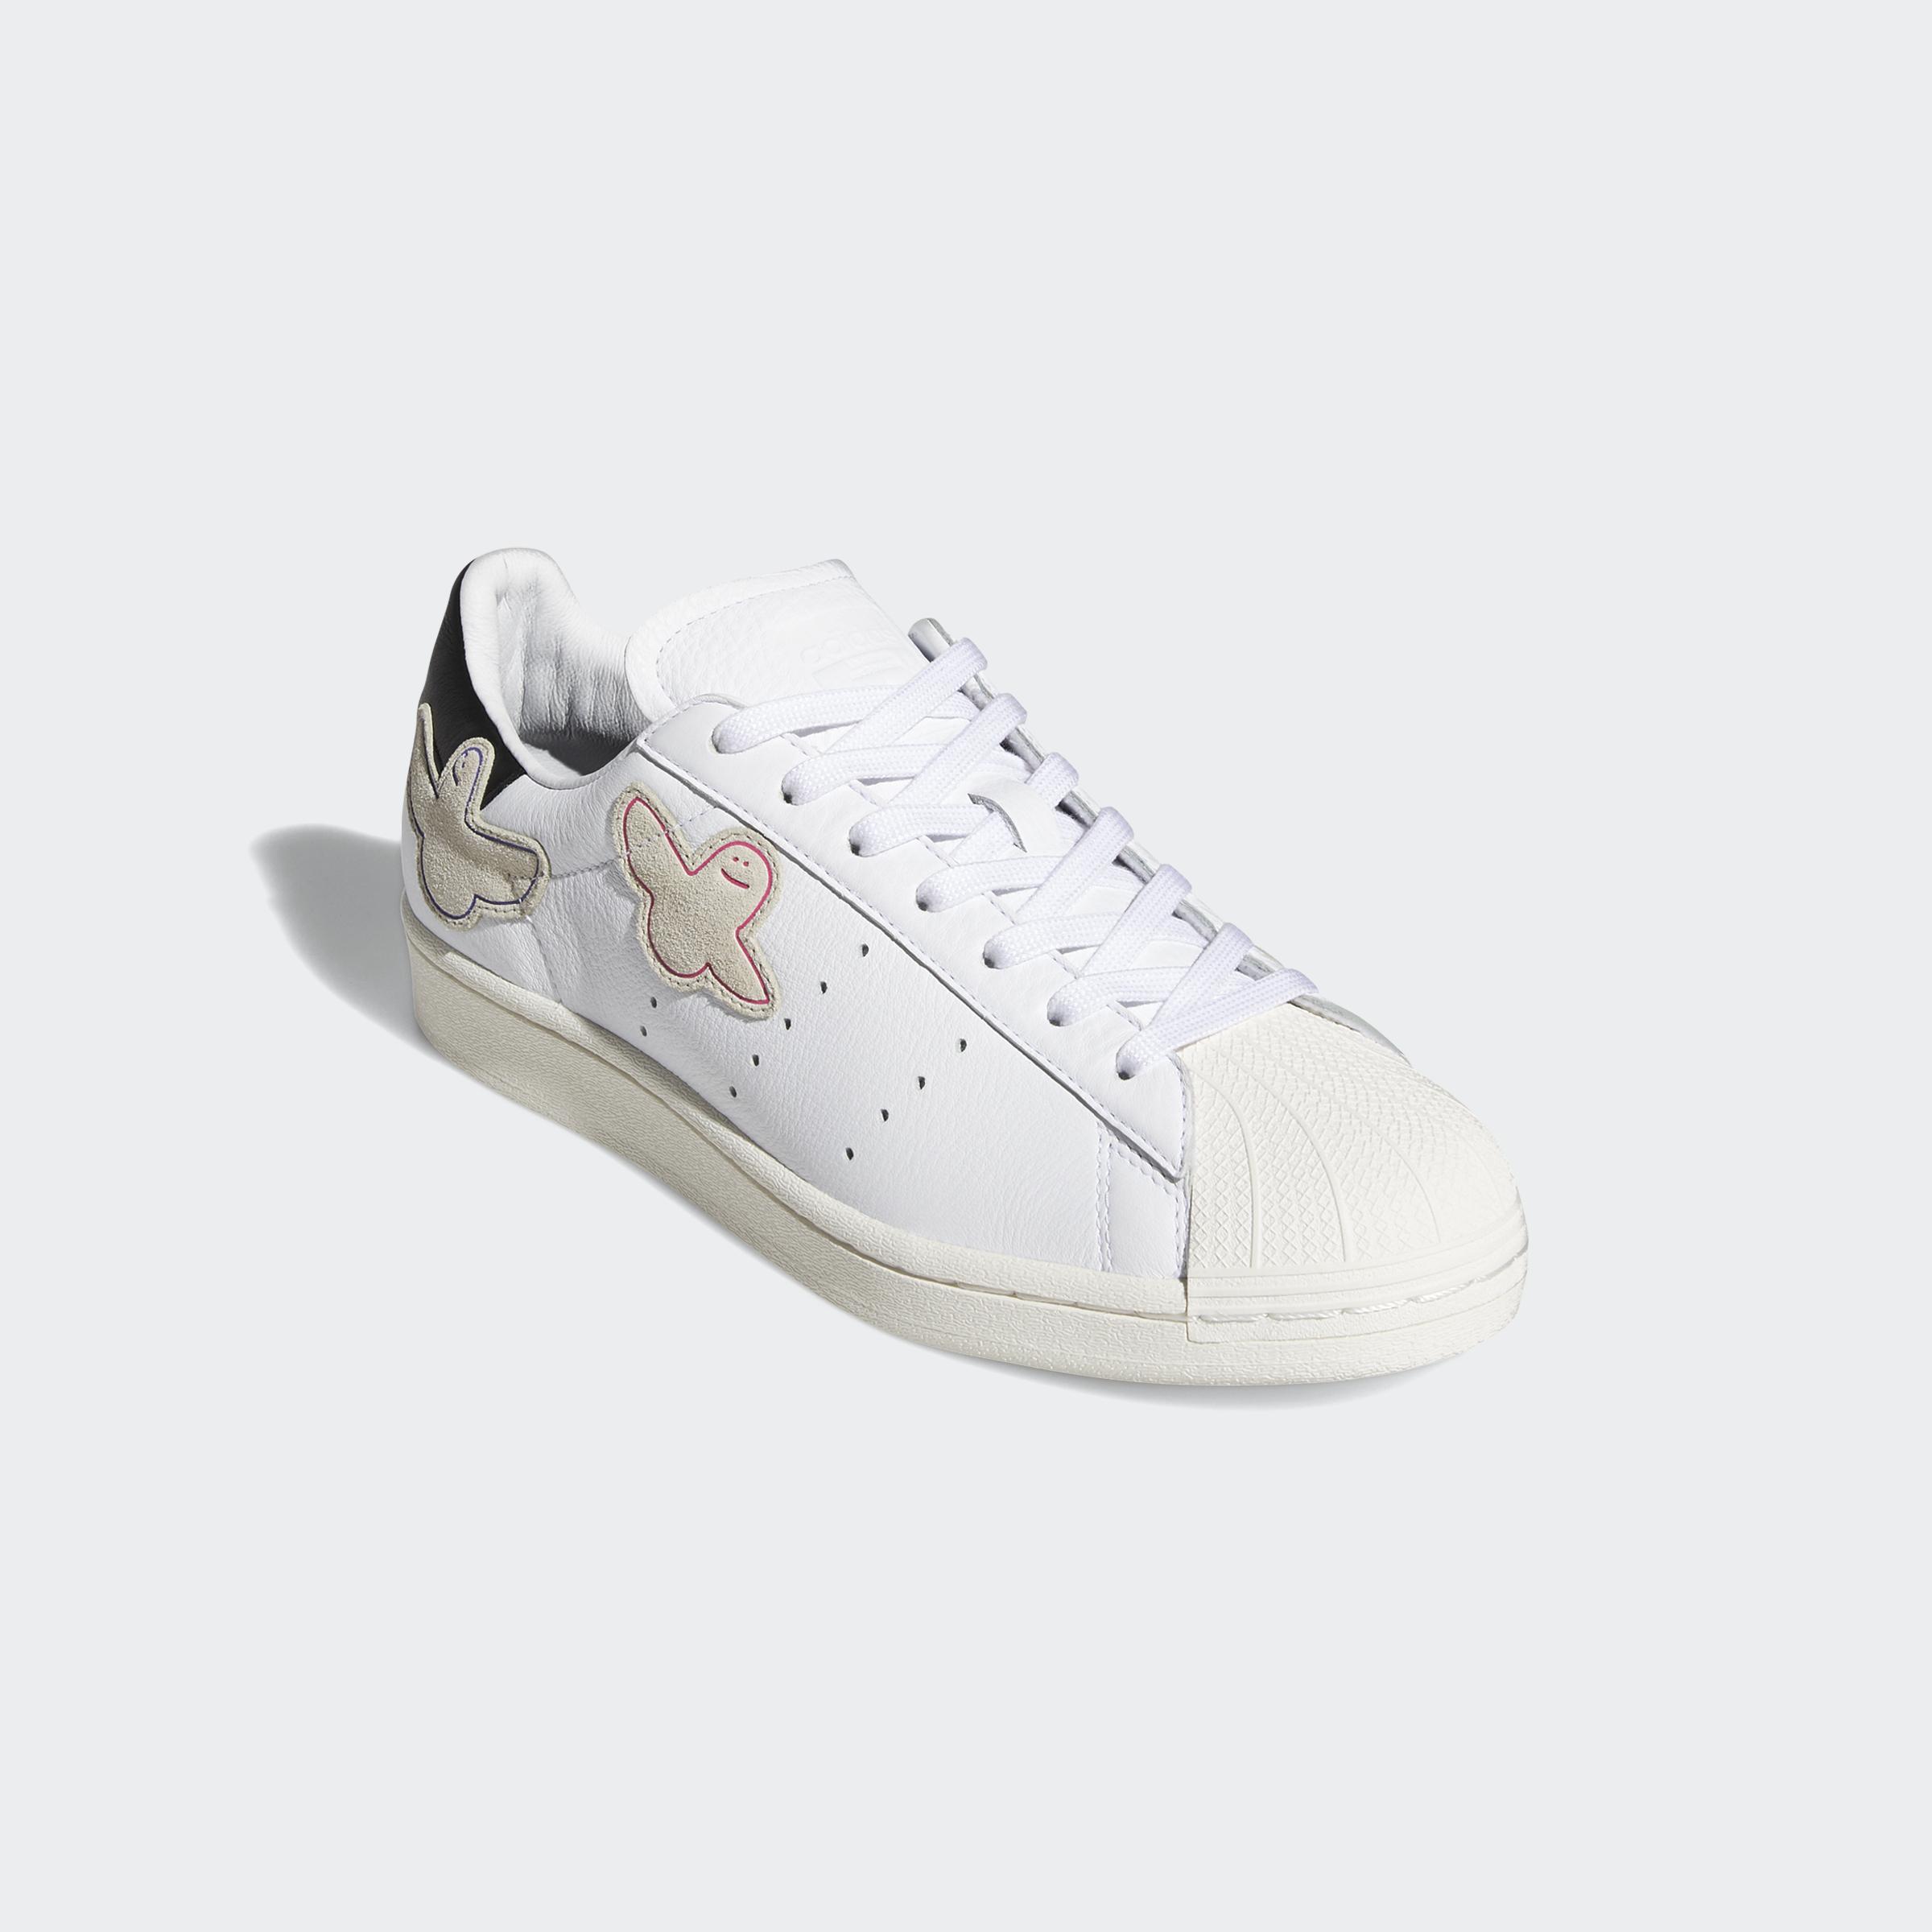 Para celebrar el 50 aniversario de la zapatilla Superstar, Mark Gonzales actualiza su legendaria silueta añadiendo el logotipo de Shmoo a la parte superior suave.